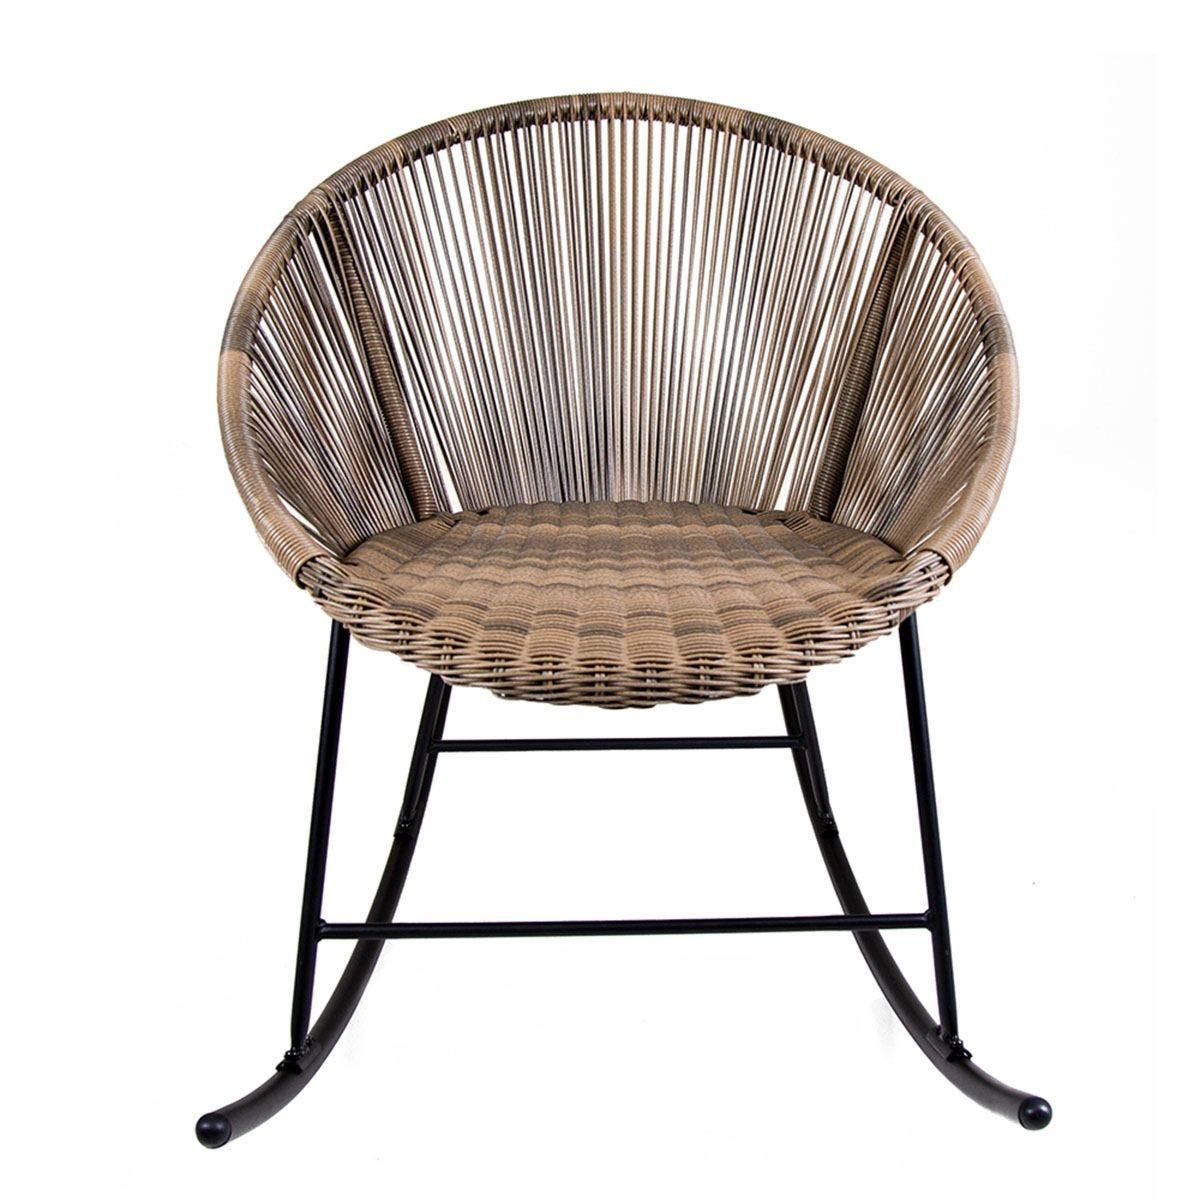 Charles Bentley Bali Rocking Chair - Natural